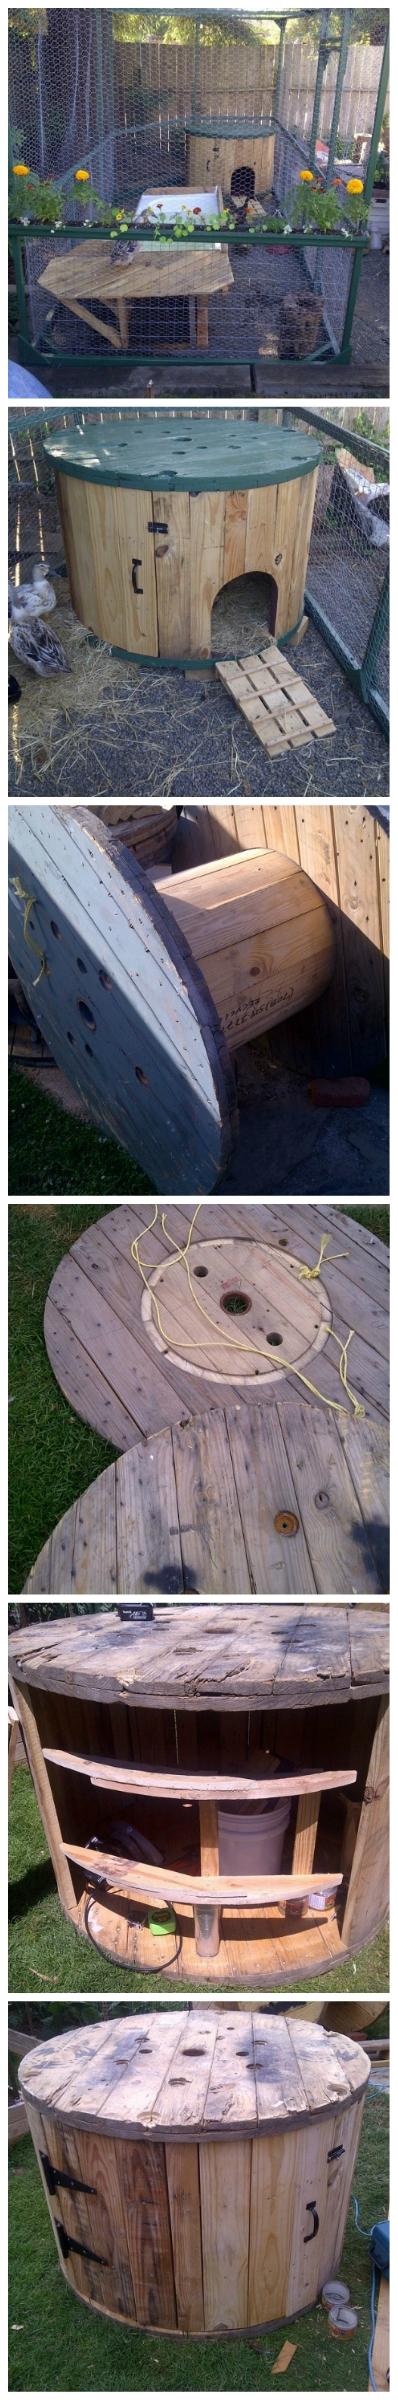 Diy Cable Spool Duck House Diy Diy Chicken Coop